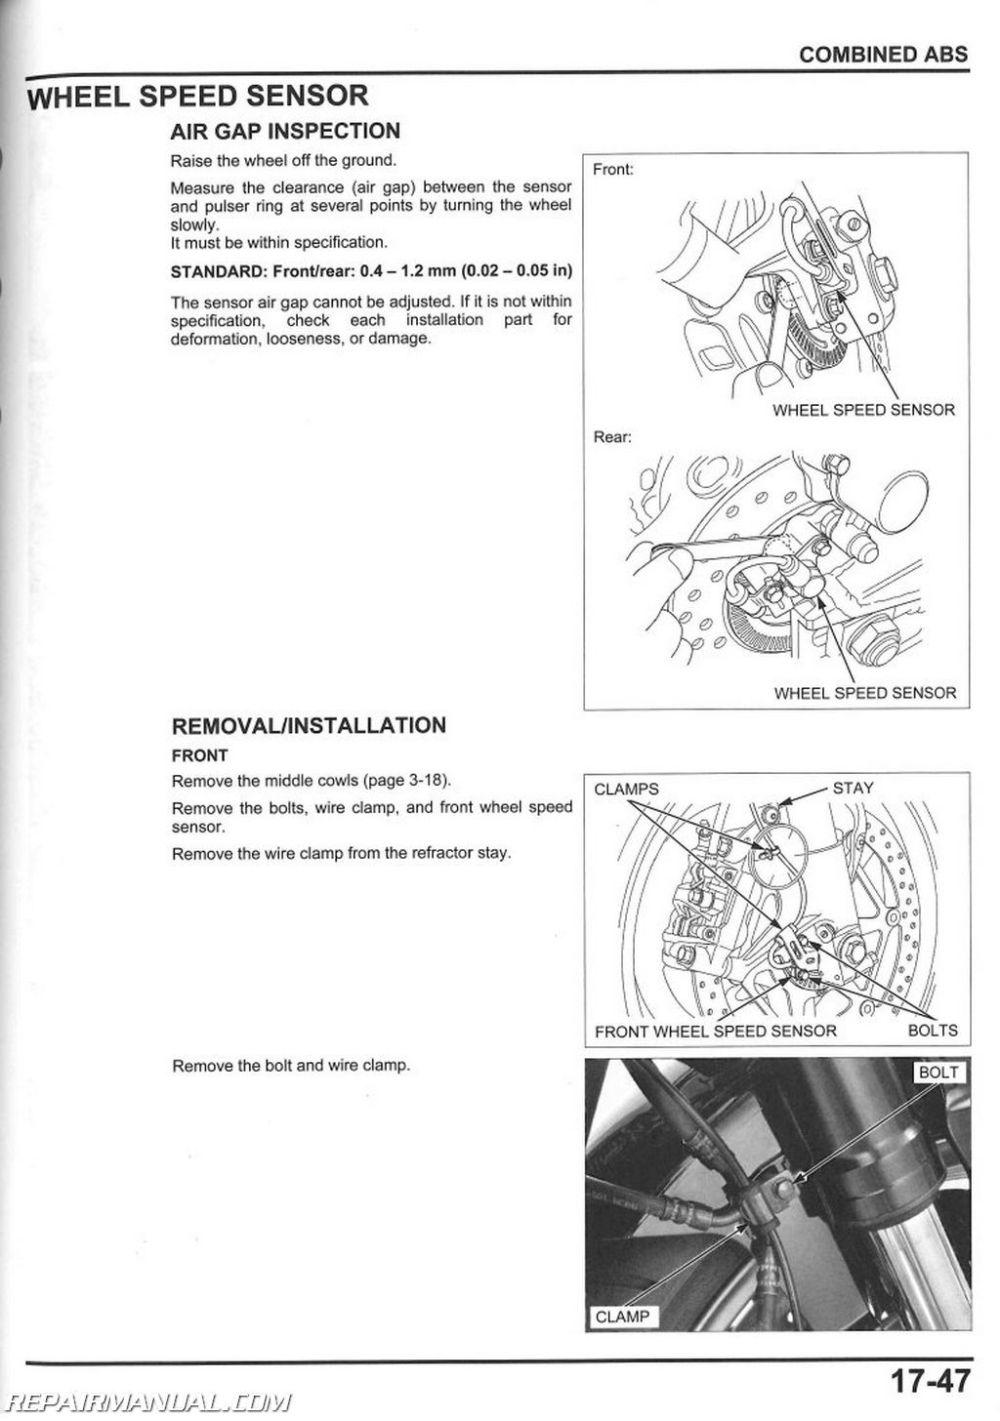 medium resolution of 2010 cbr 1000 wire diagram wiring diagram blog2010 cbr 1000 wire diagram manual e book 2010